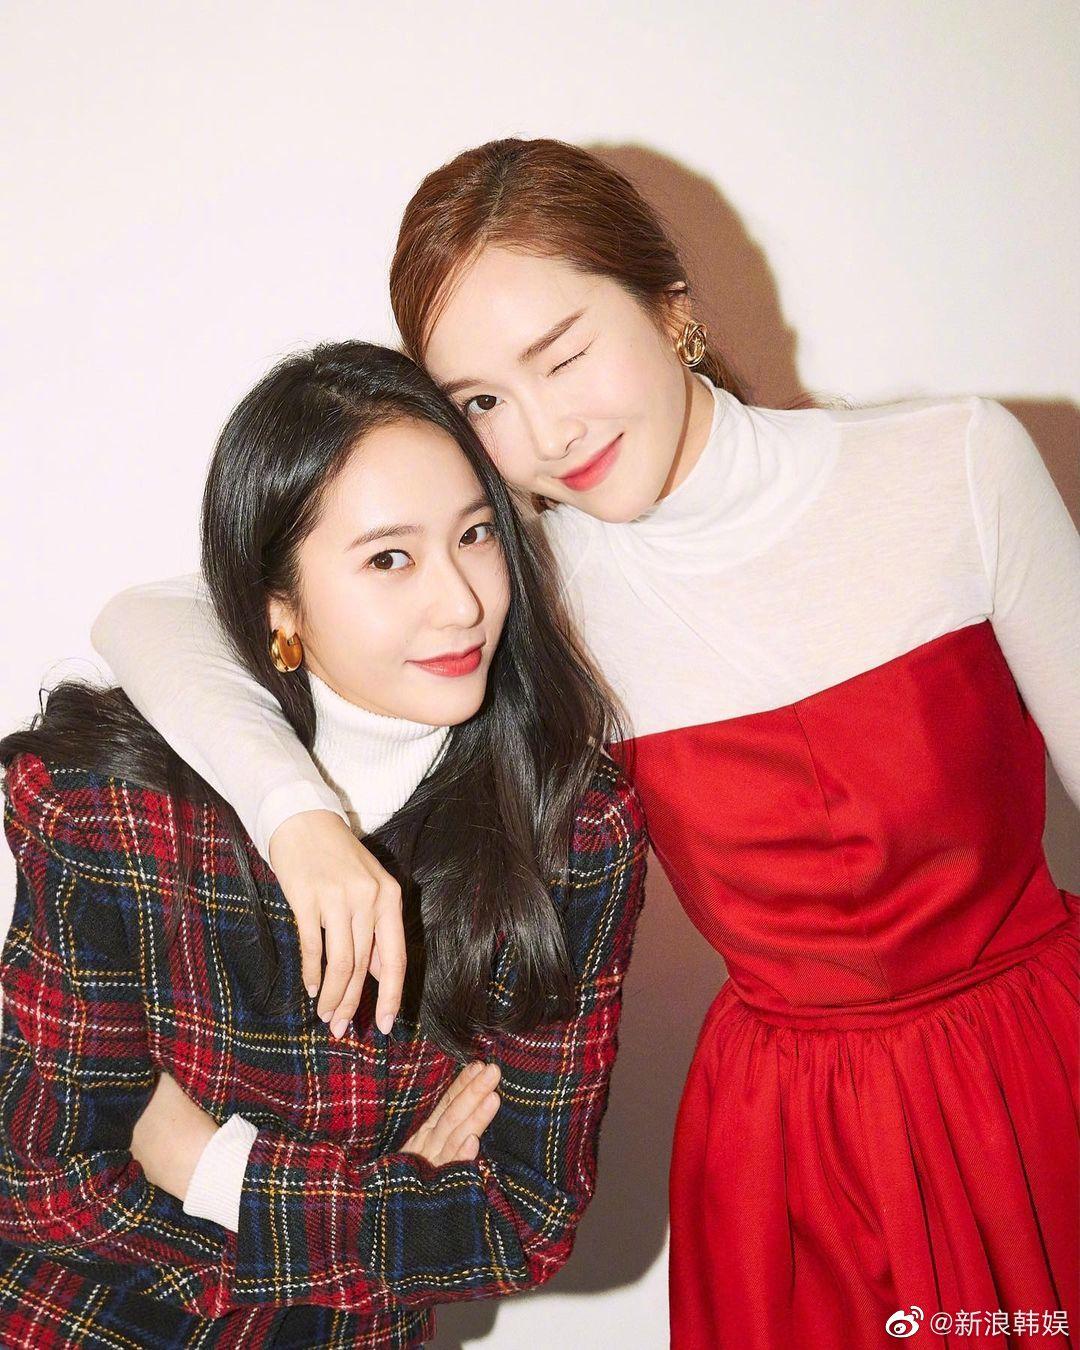 韩国引以为豪的美女姐妹 郑秀晶郑秀妍圣诞合照公开